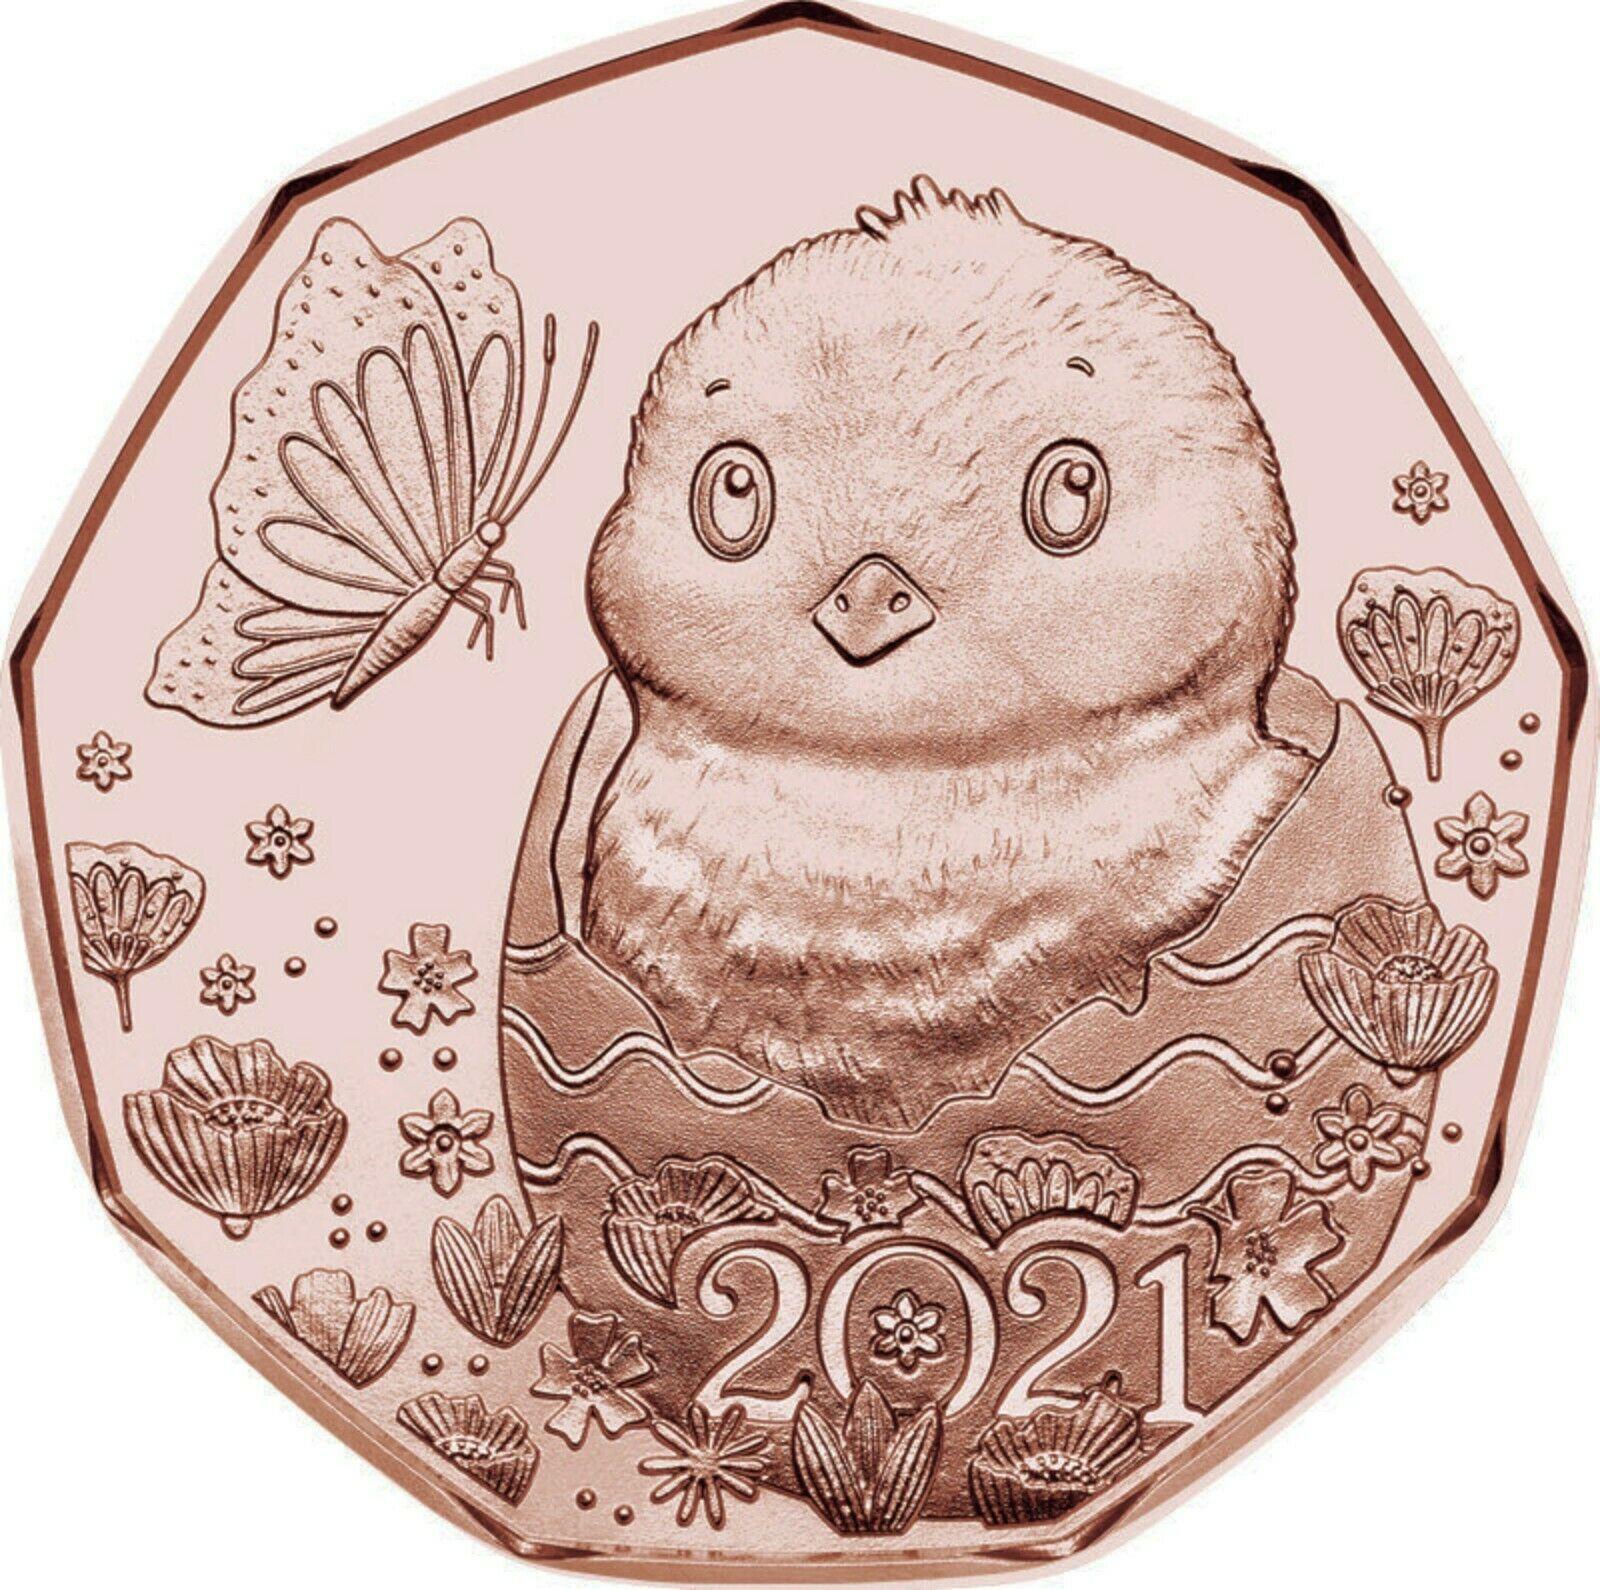 Австрия 5 евро 2021 г. Пасхальные цыплята